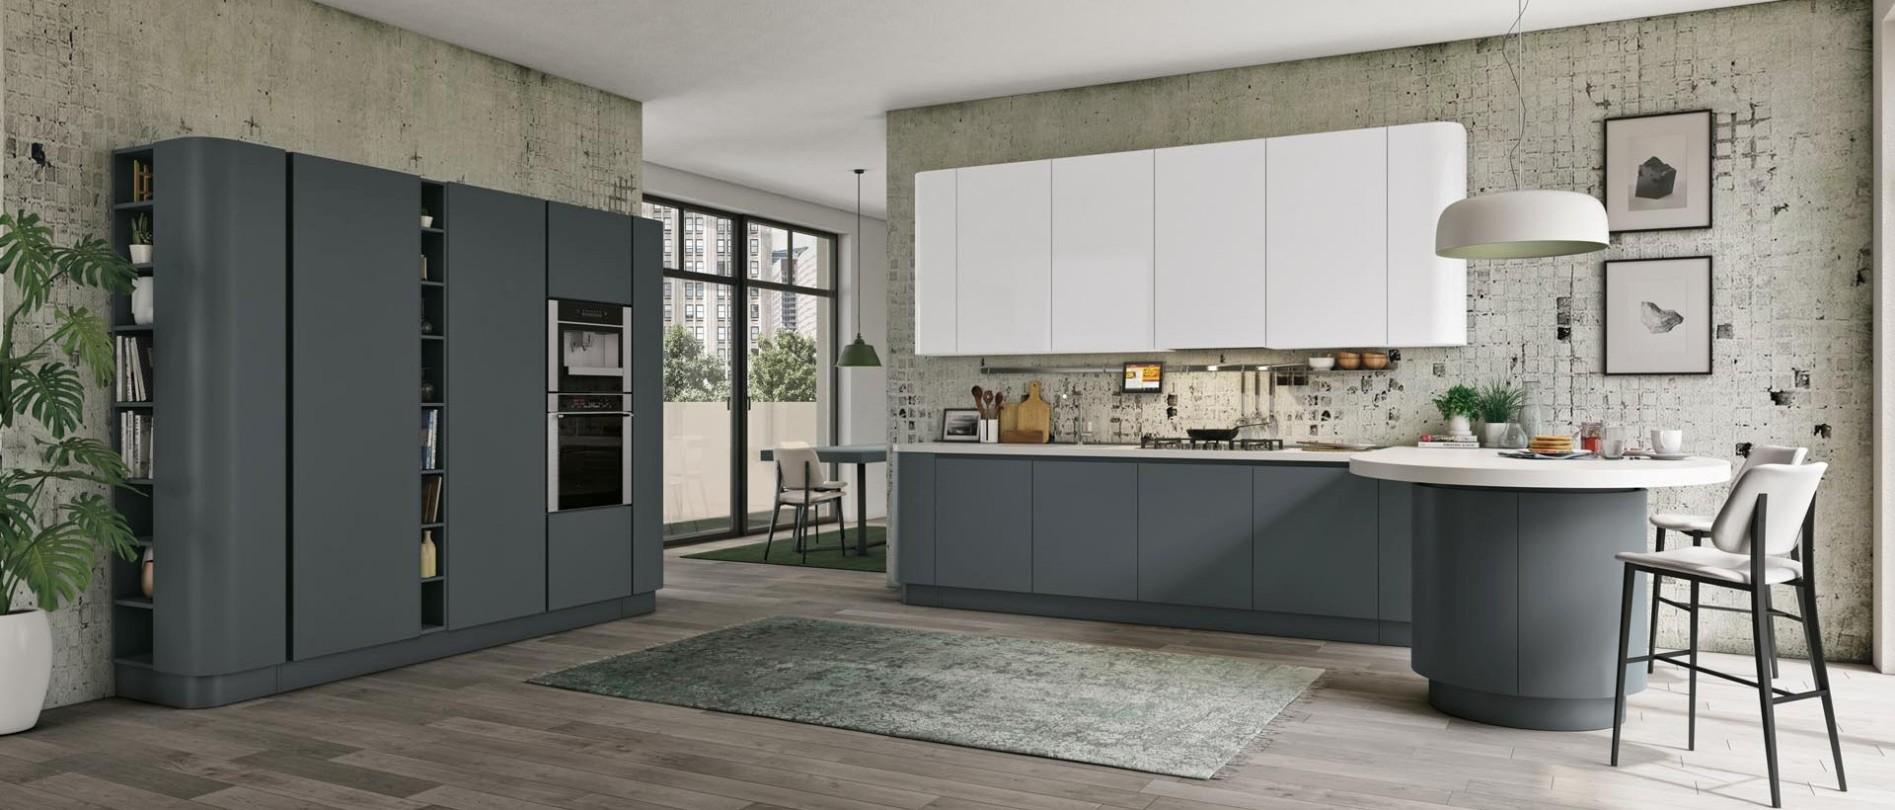 Erfreut Eigene Küche Design Schränke Hersteller Ideen ...